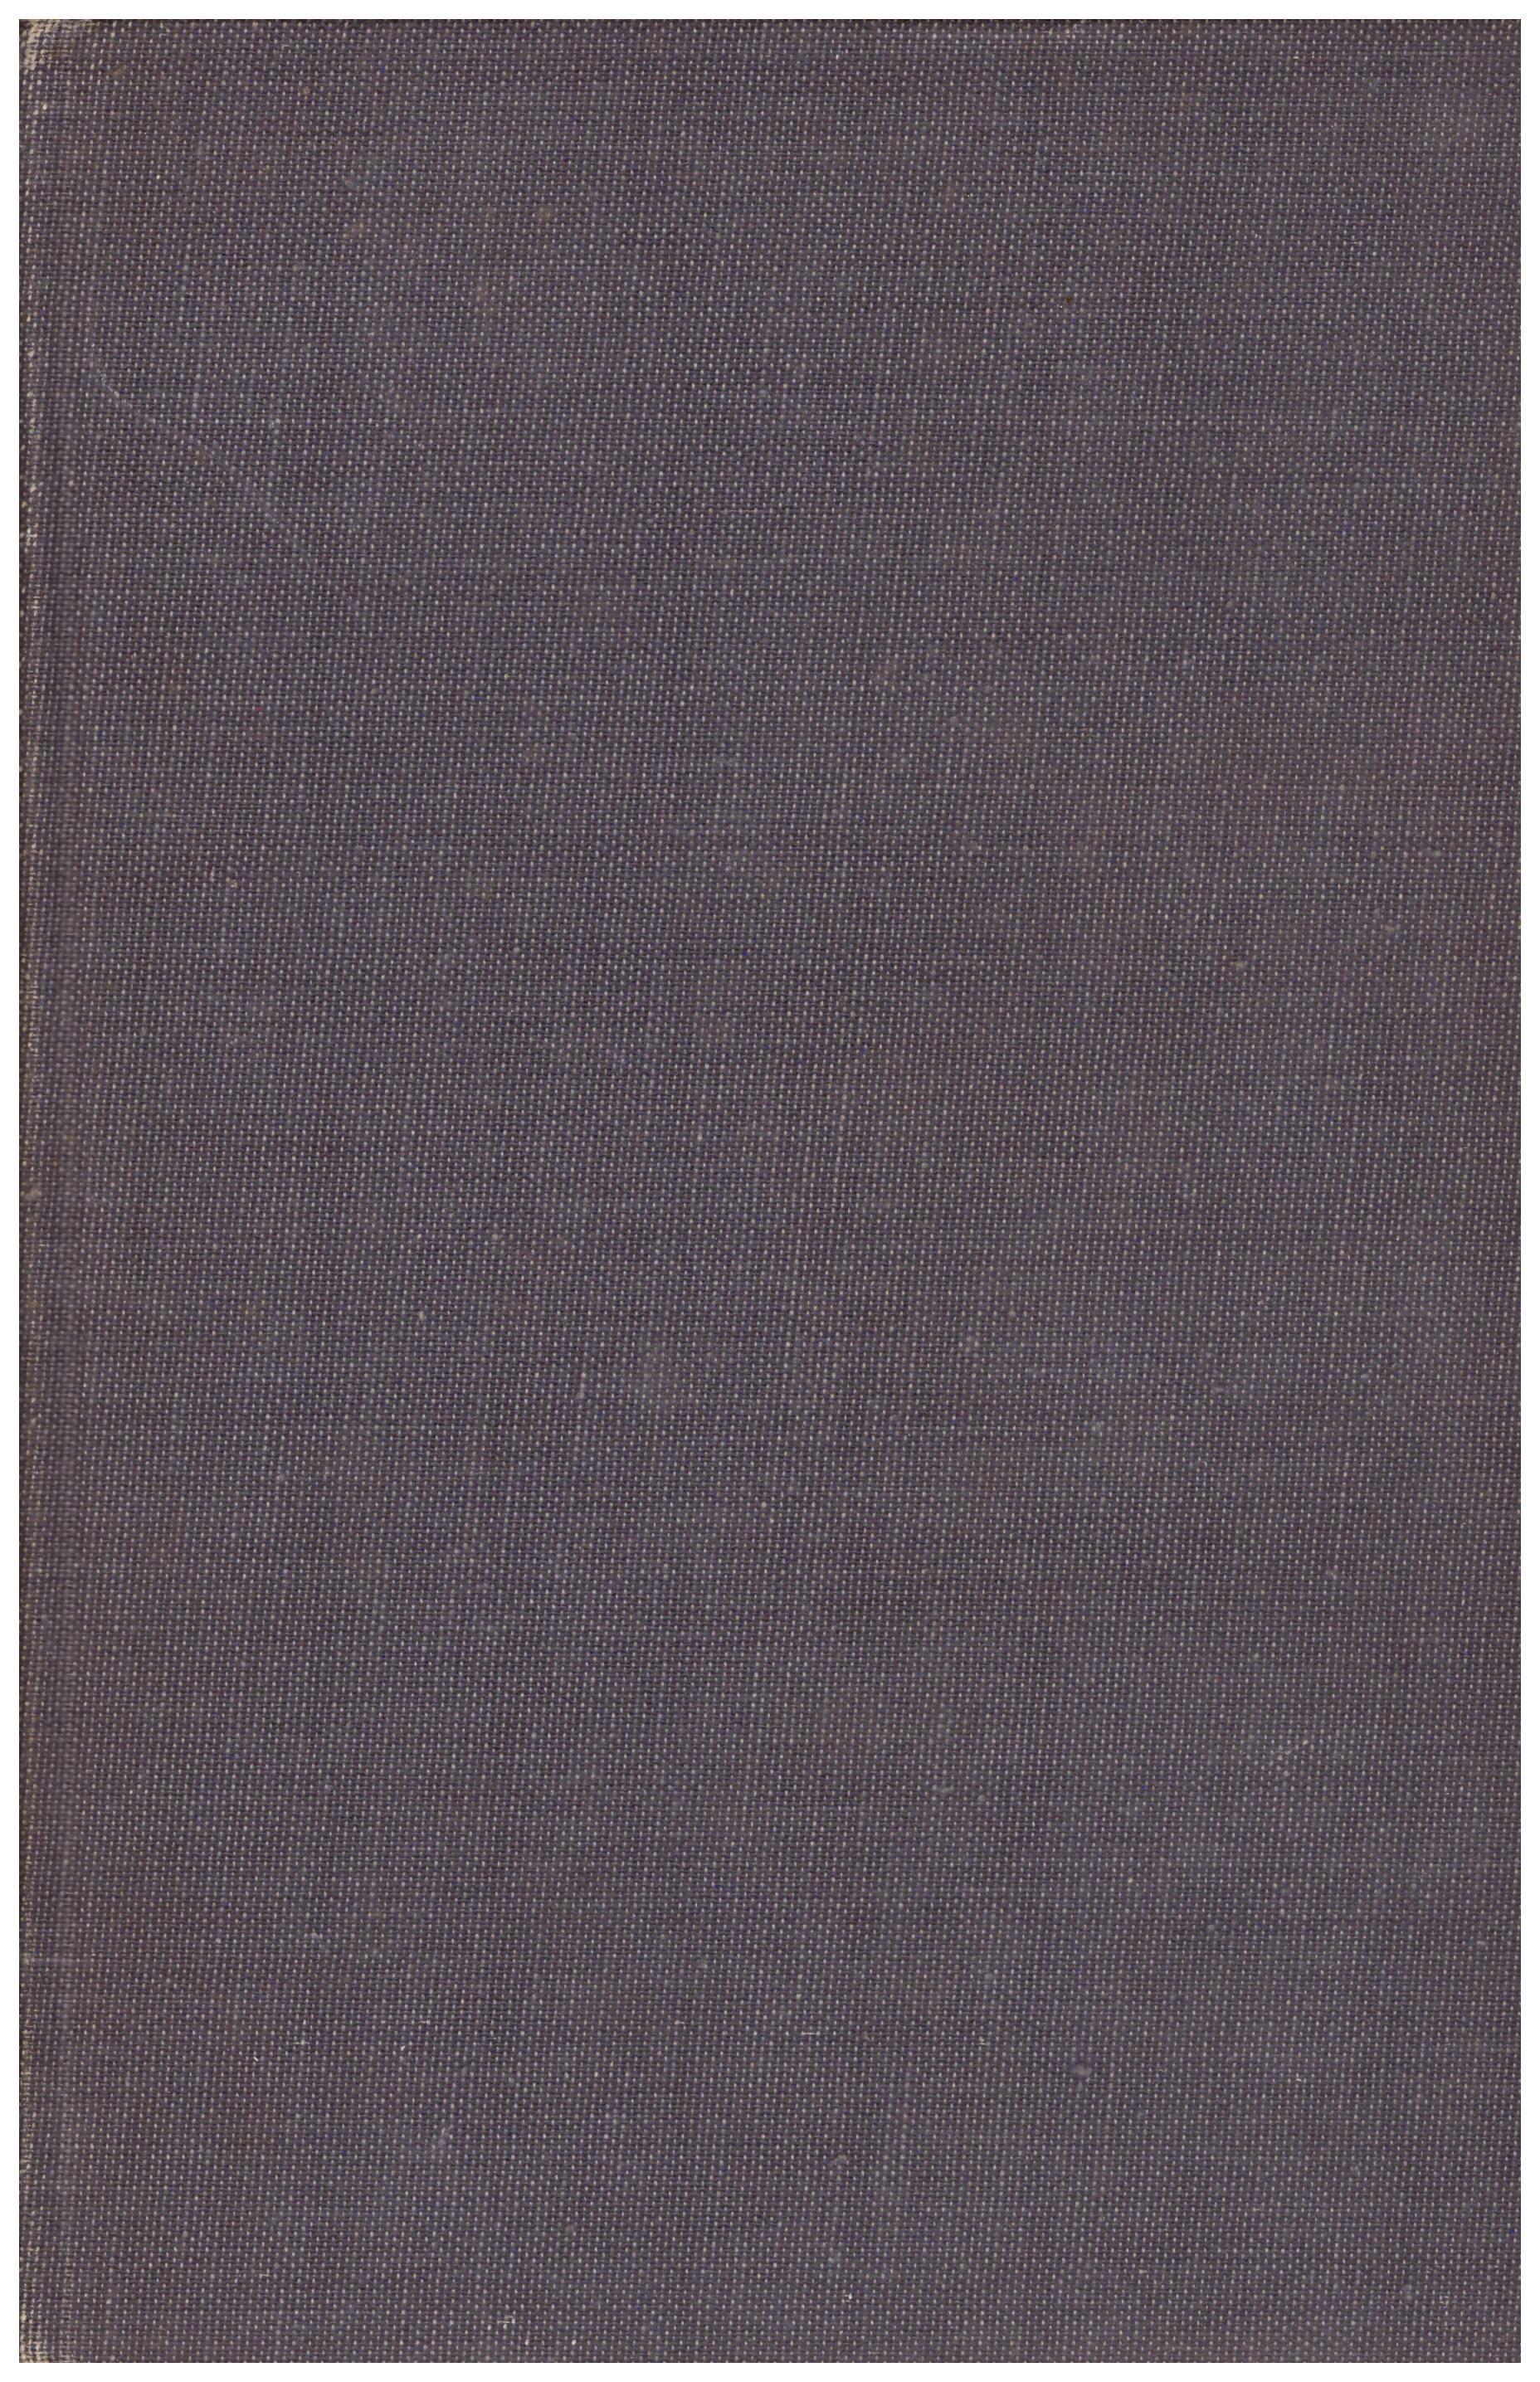 Titolo: Trattato di medicina psicosomatica Autore: Arthur Jores  Editore: editrice universitaria firenze, 1965